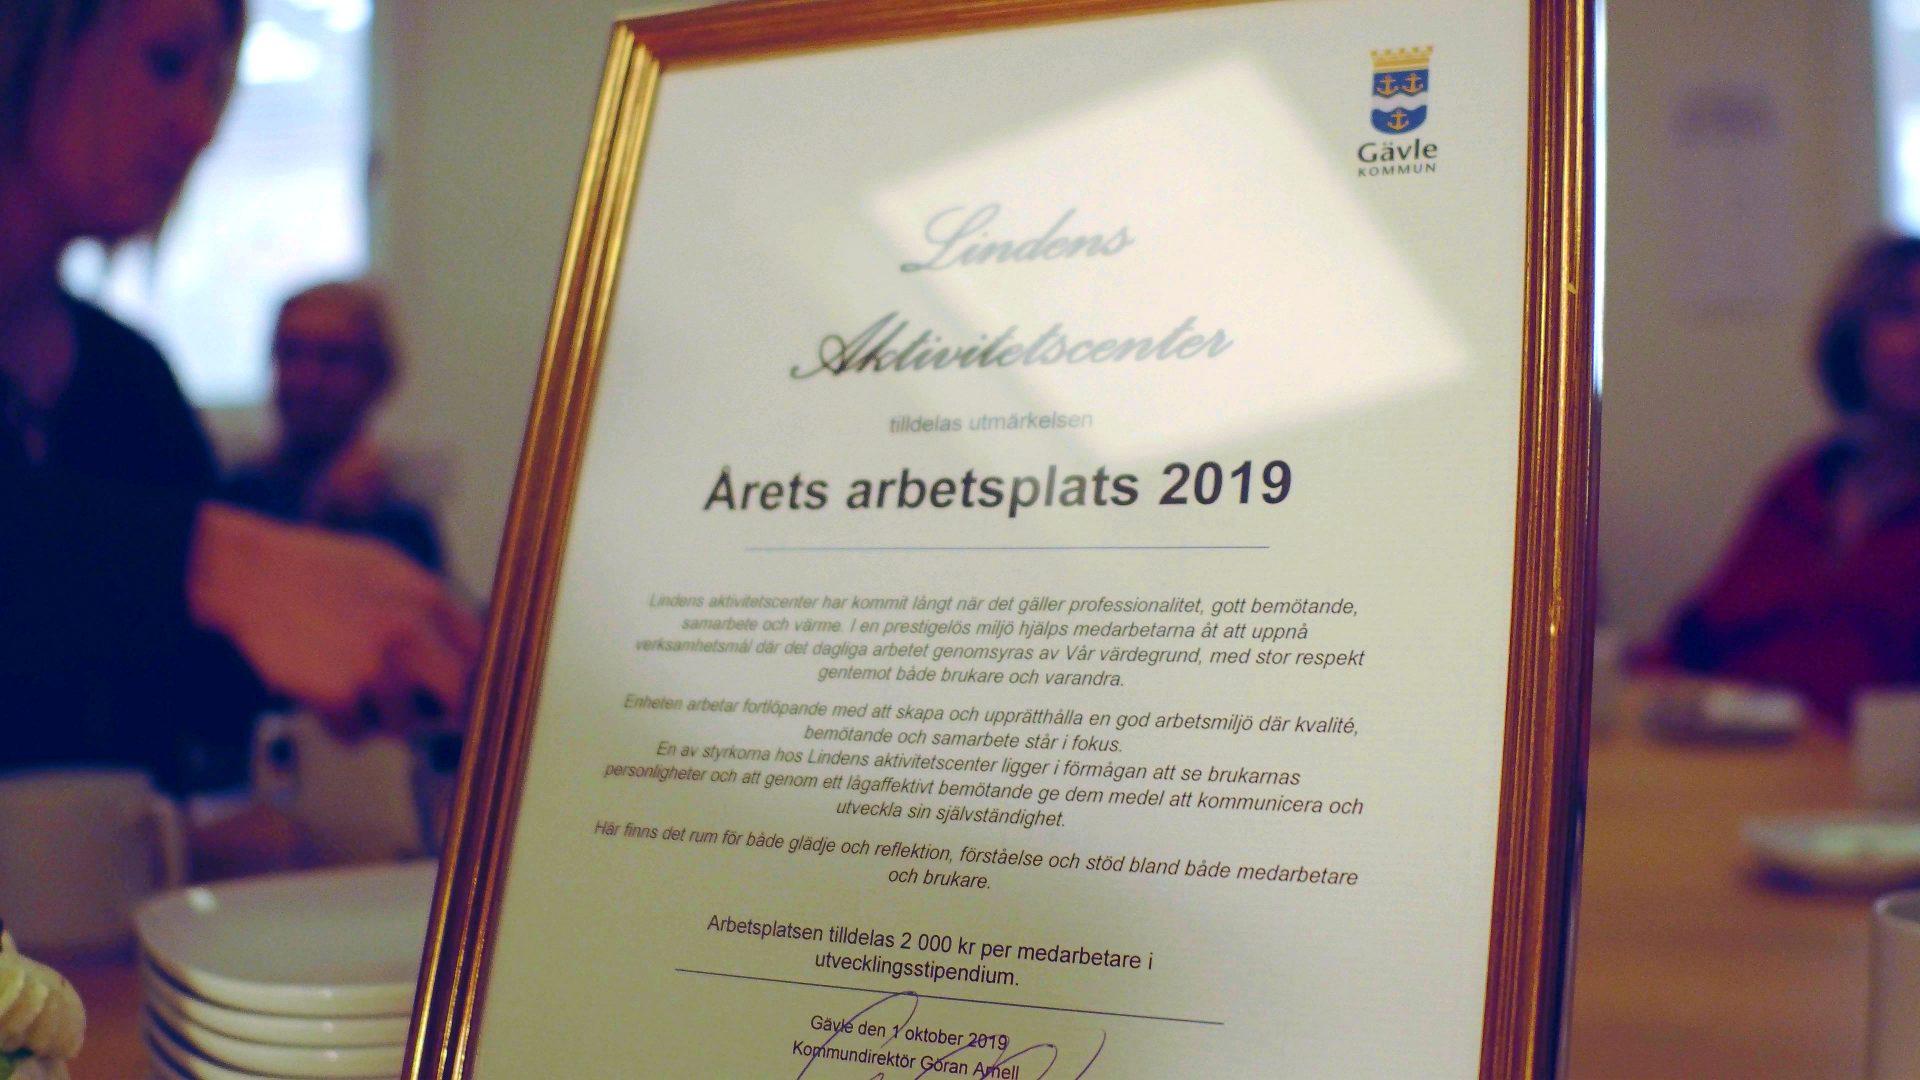 Diplom för årets arbetsplats 2019.